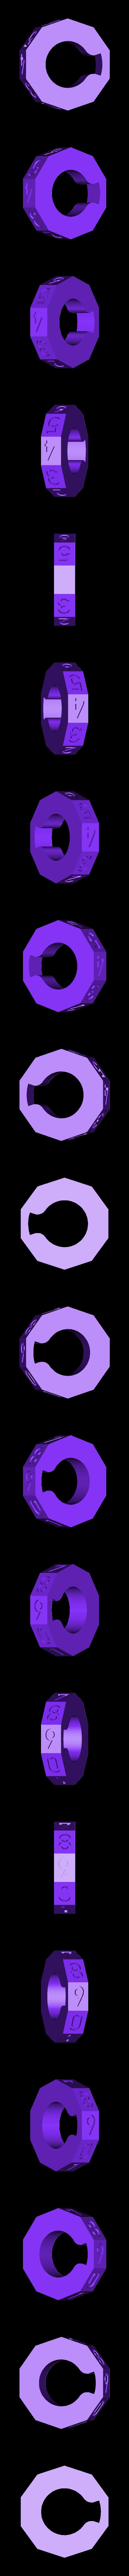 Wheel9.stl Télécharger fichier STL gratuit Kit de verrouillage de permutation personnalisable (verrouillage à combinaison) • Objet pour impression 3D, plasticpasta